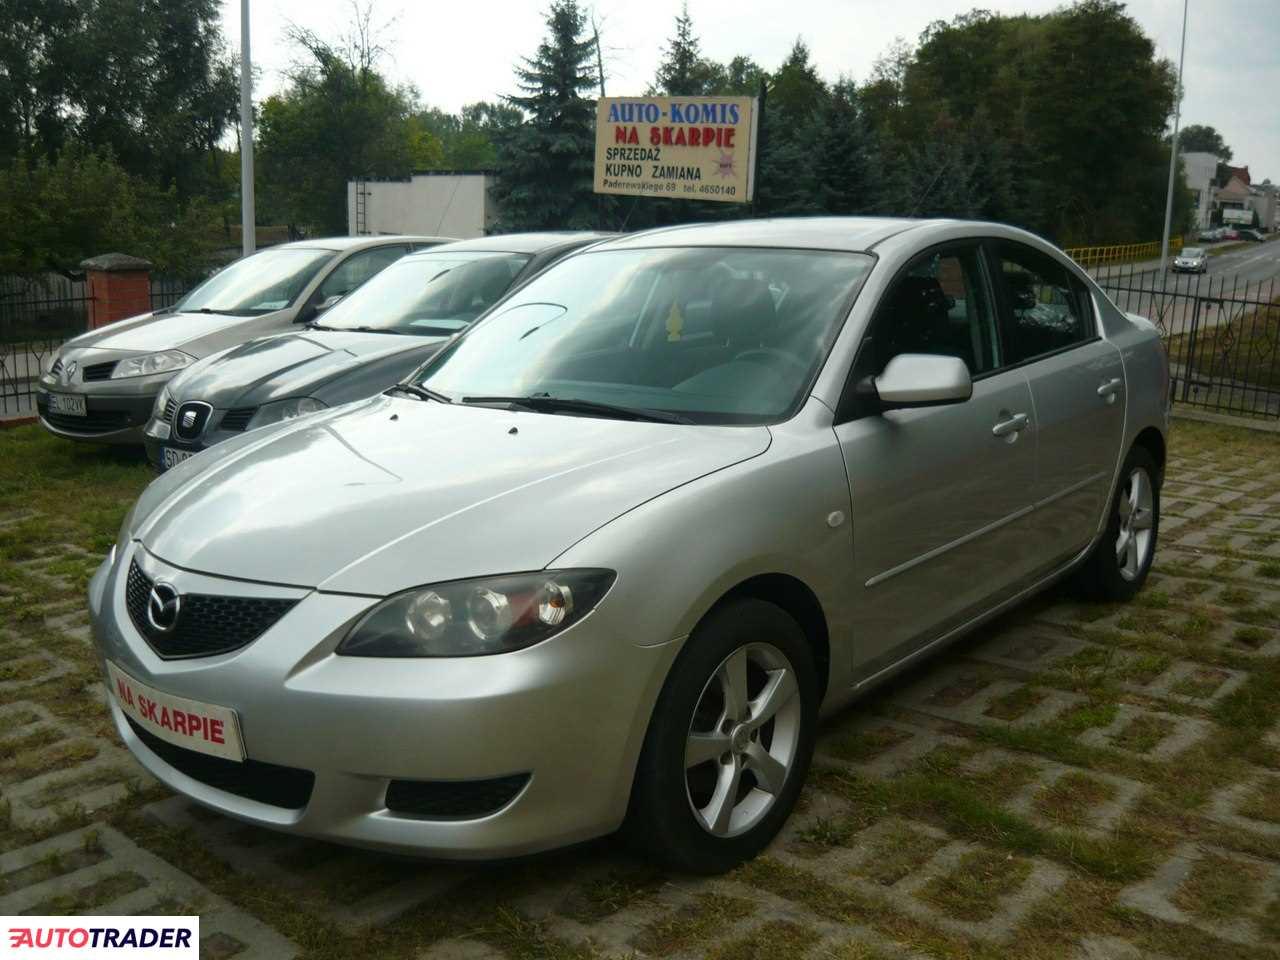 Mazda 3 2005 1.6 109 KM